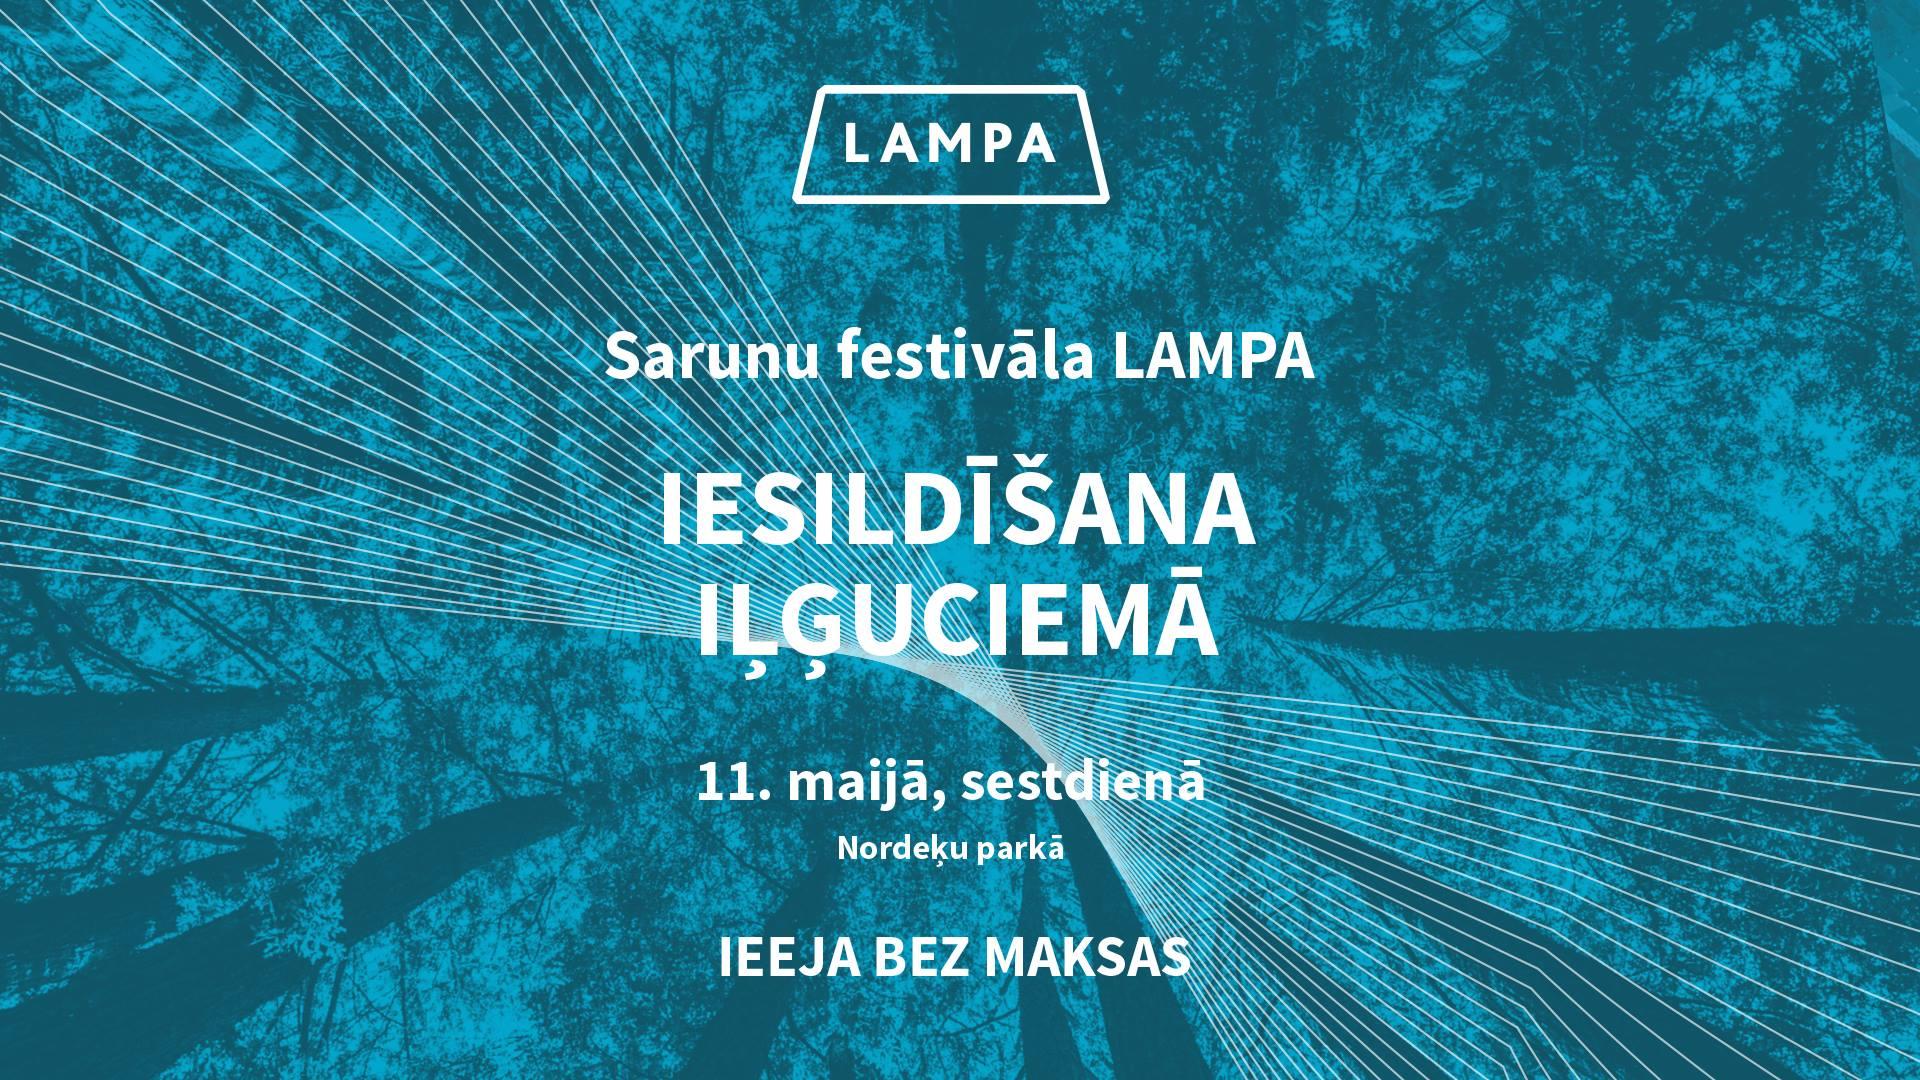 Festivāla Lampa plakāts